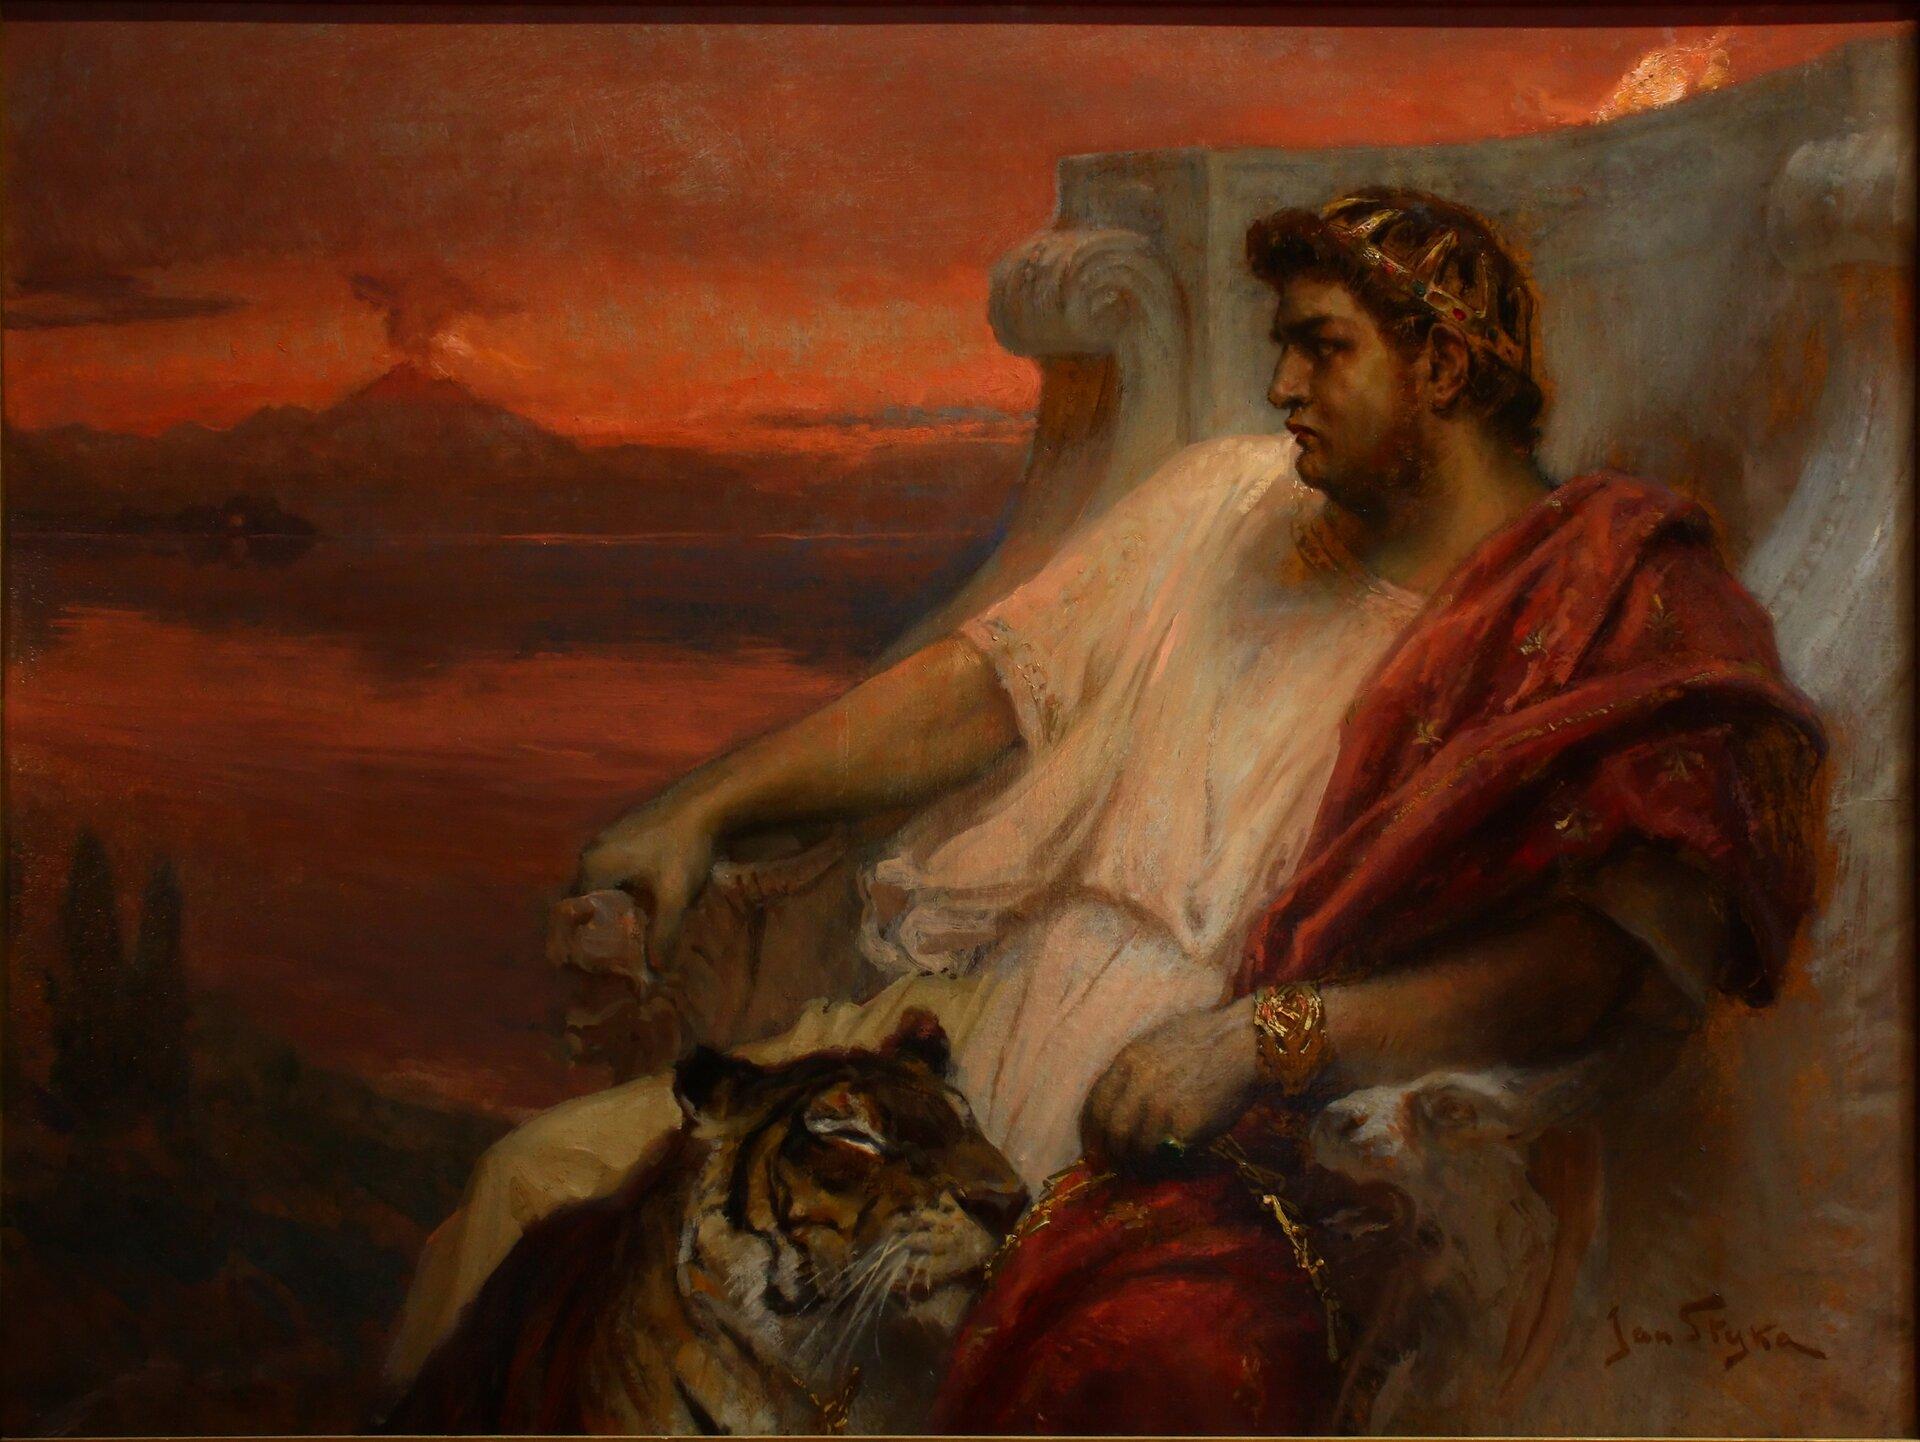 """Kolorowa ilustracja przedstawia dzieło Jana Styki """"Neron wBajach"""". Po prawej stronie obrazu, na kamiennym tronie, siedzi Neron. Ręce cesarza oparte są orzeźbione podłokietniki (głowy zwierząt). Młody mężczyzna ociemnych, krótkich włosach, ujęty zprofilu, patrzy wdal. Ubrany jest wbiałą tunikę ipurpurową togę. Wręku trzyma łańcuch, do którego przypięty jest tygrys. Głowa zwierzęcia spoczywa na kolanach cesarza. Wdali majaczy dymiący wulkan Wezuwiusz."""